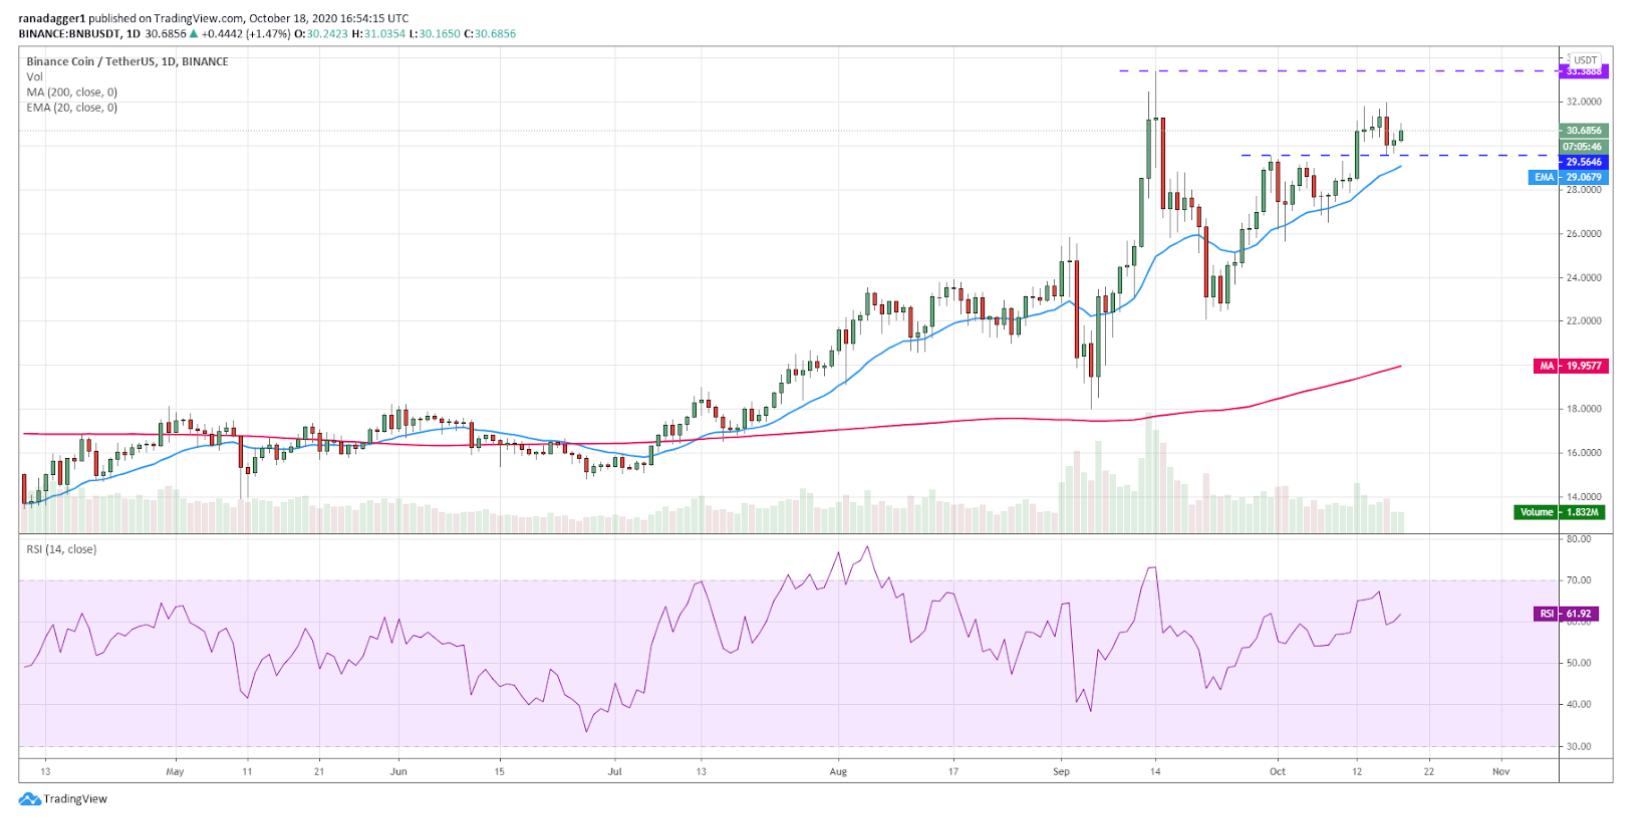 نمودار قیمت بایننس کوین / دلار